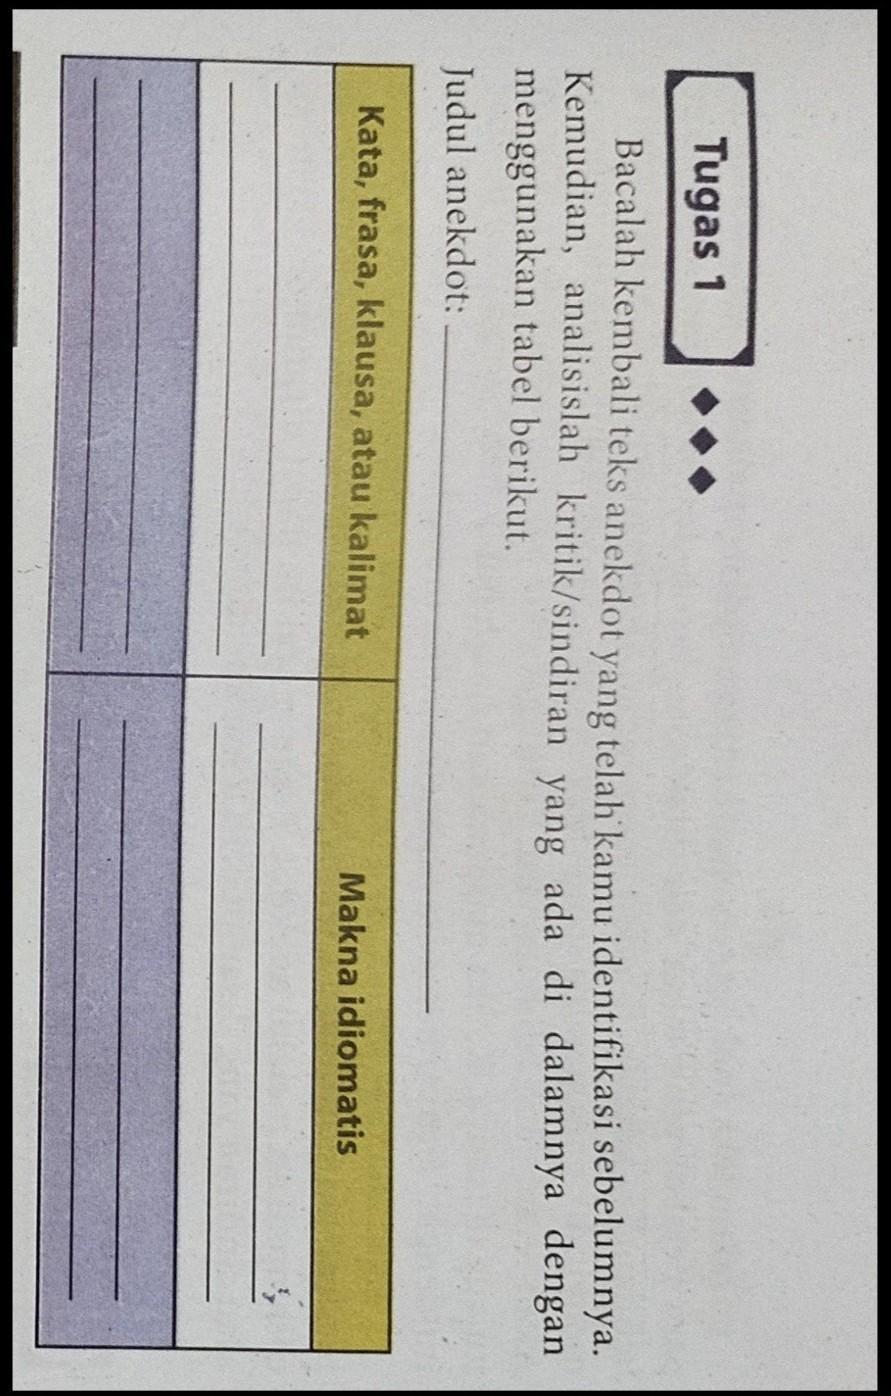 Buku Paket Bahasa Indonesia Kelas 10 Halaman 91 Tugas 1 Brainly Co Id